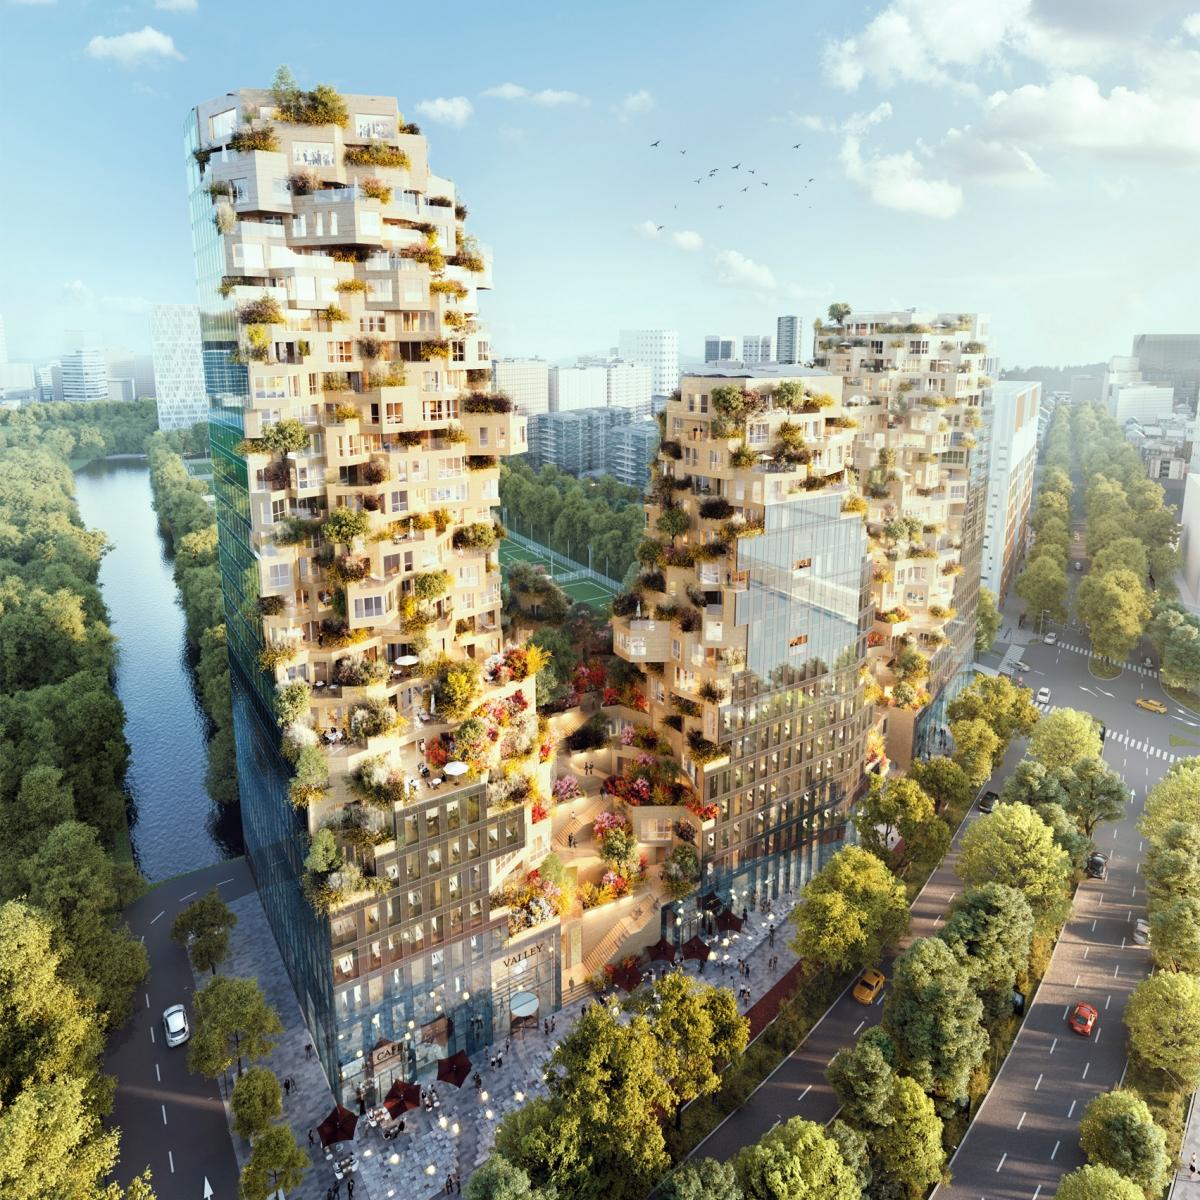 MVRDV lần đầu tiên công bố thiết kế tòa nhà cao tầng hỗn hợp ở Rotterdam vào năm 2015 và cuối cùng nó sẽ đi vào hoạt động năm 2021. Được đặt tên là Thung lũng, công trình bao gồm ba đỉnh núi, mỗi đỉnh đều có cây xanh và cửa sổ góc nhô ra từ mọi góc độ.